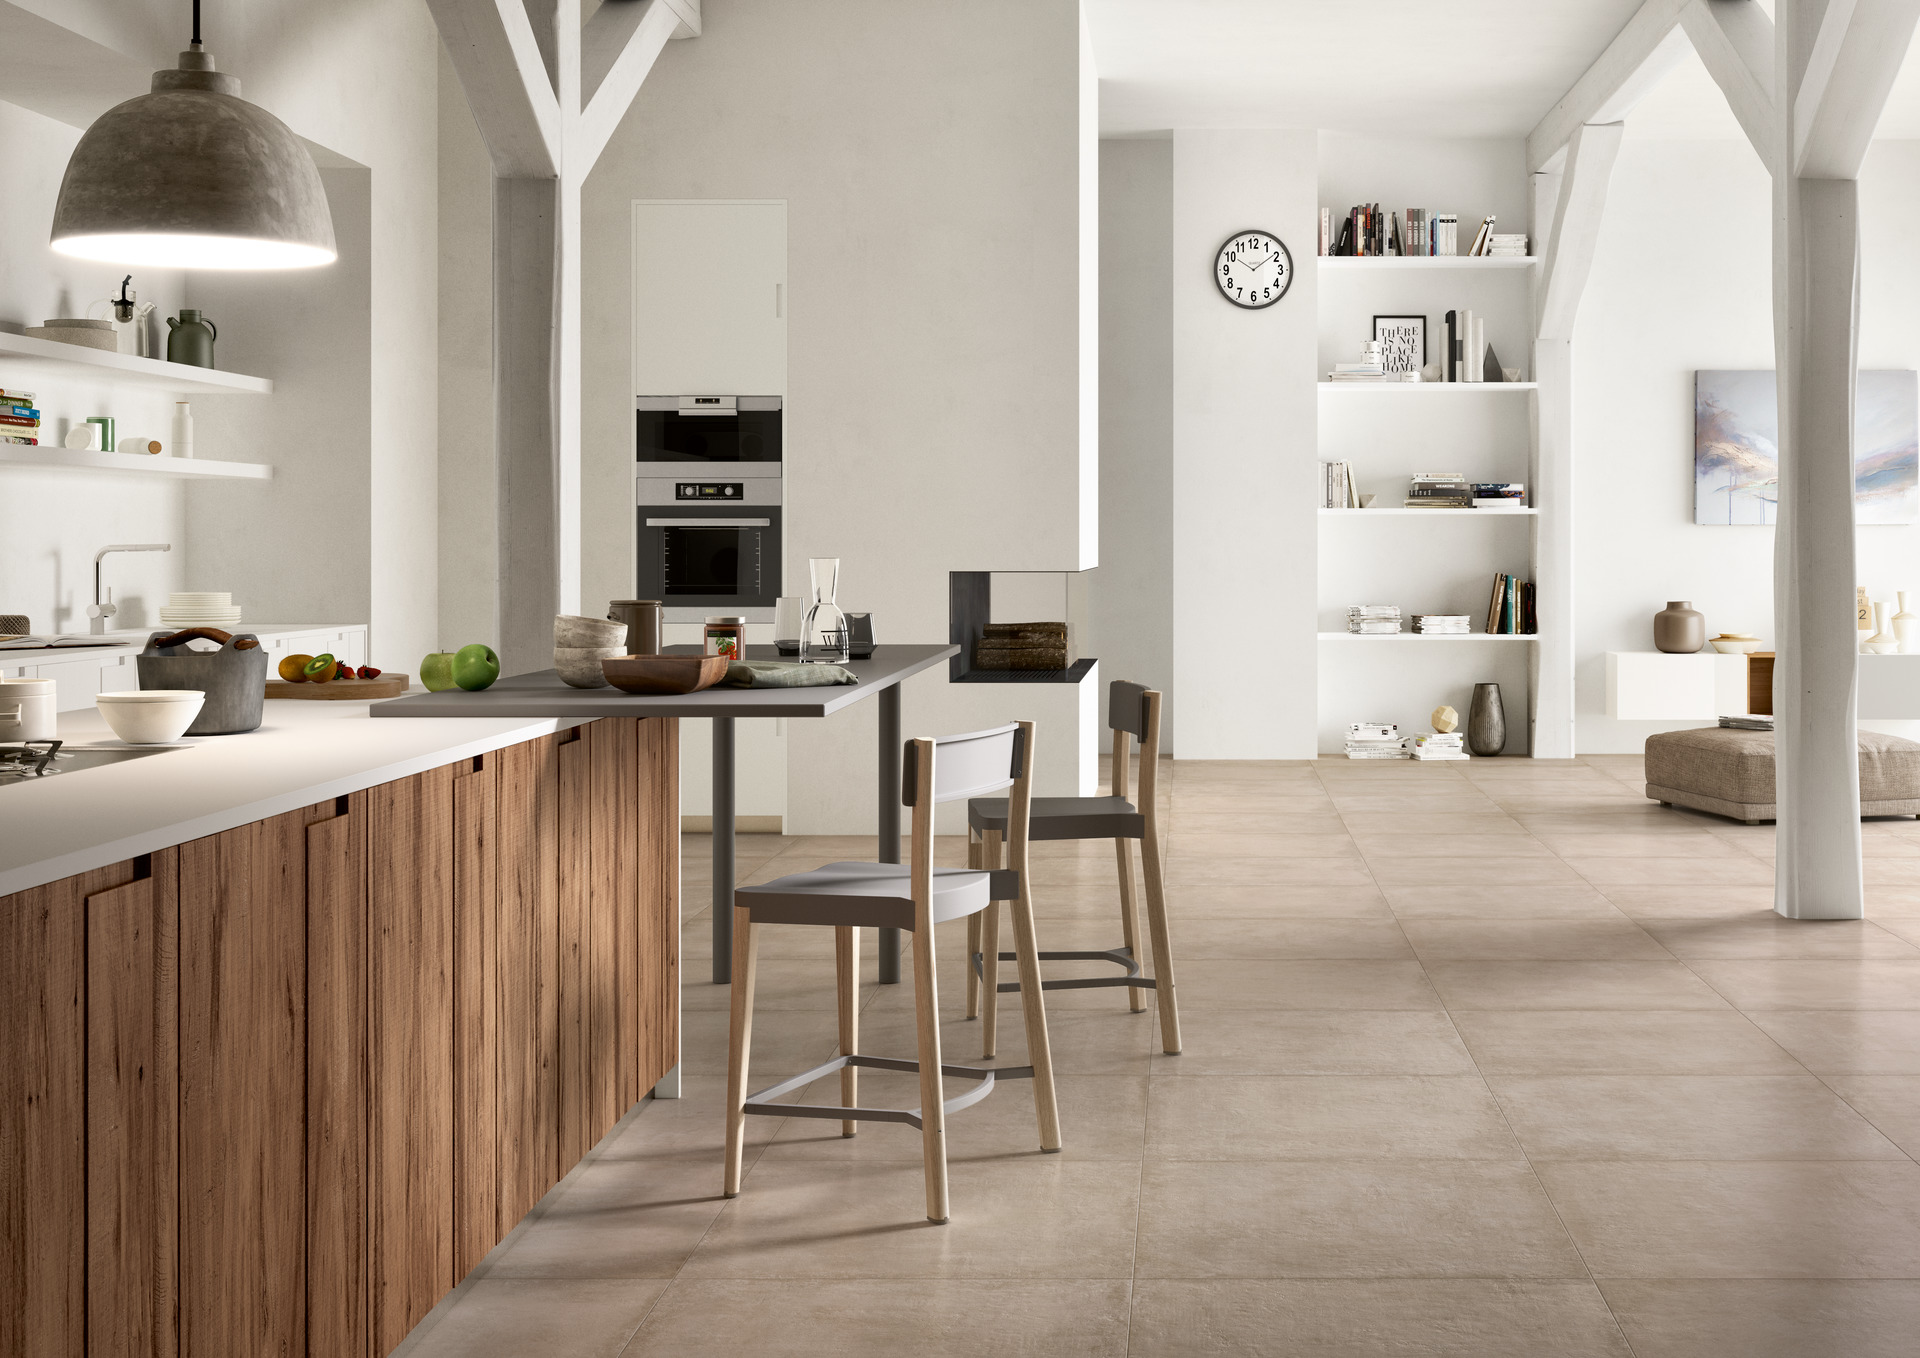 Clays gr s c rame effet terre cuite marazzi - Suelos para casas modernas ...